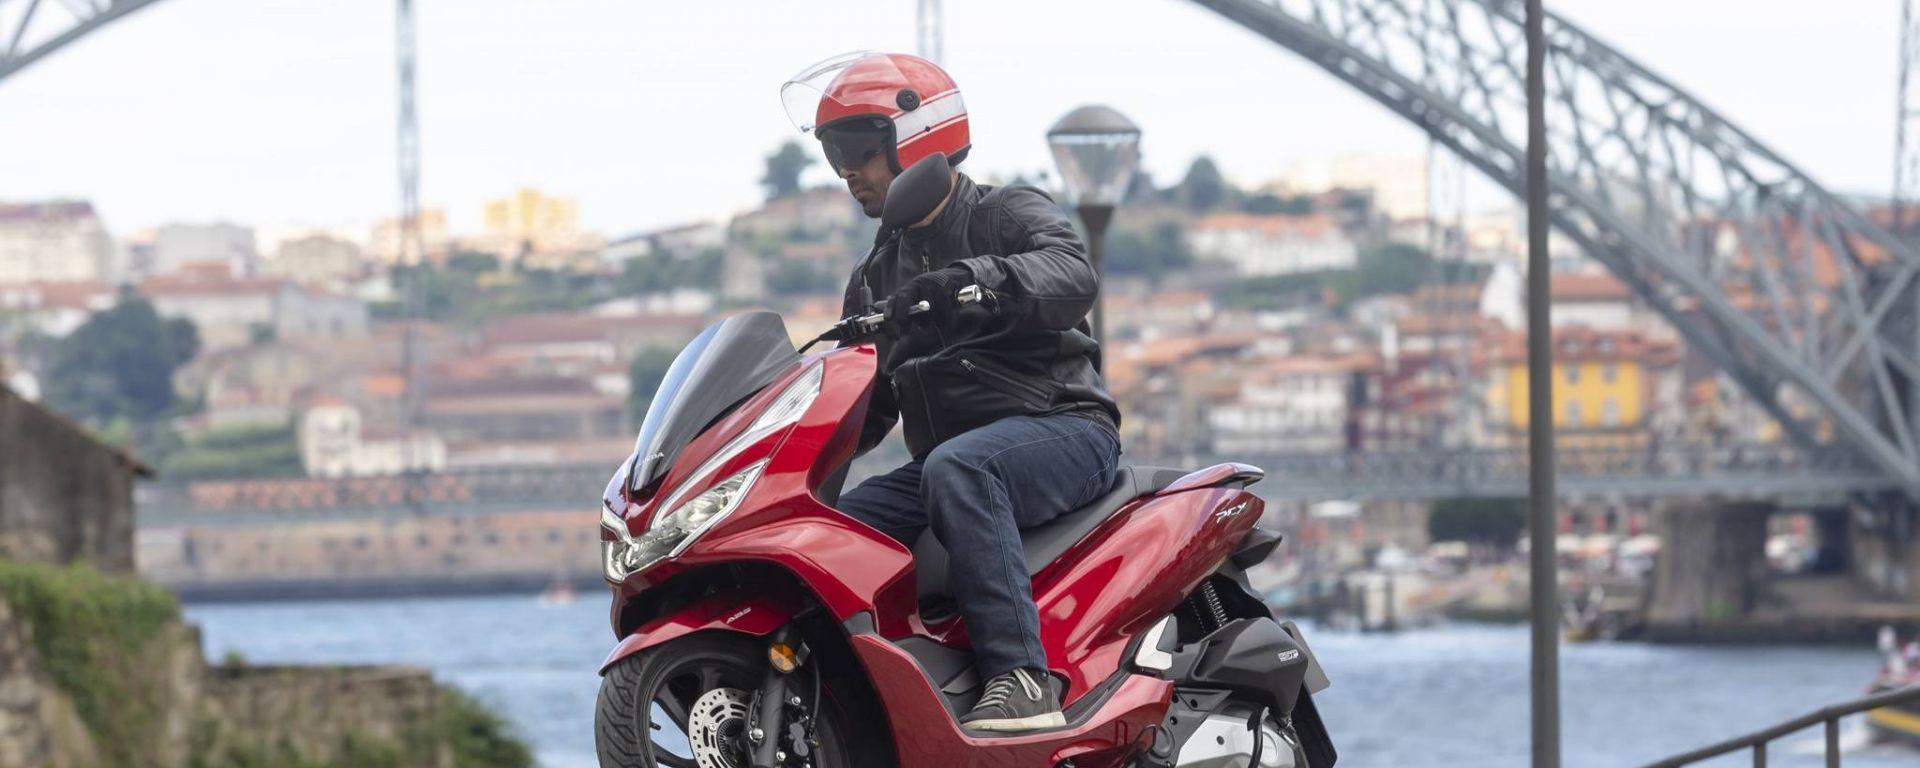 Honda PCX 125: prova, caratteristiche e prezzo